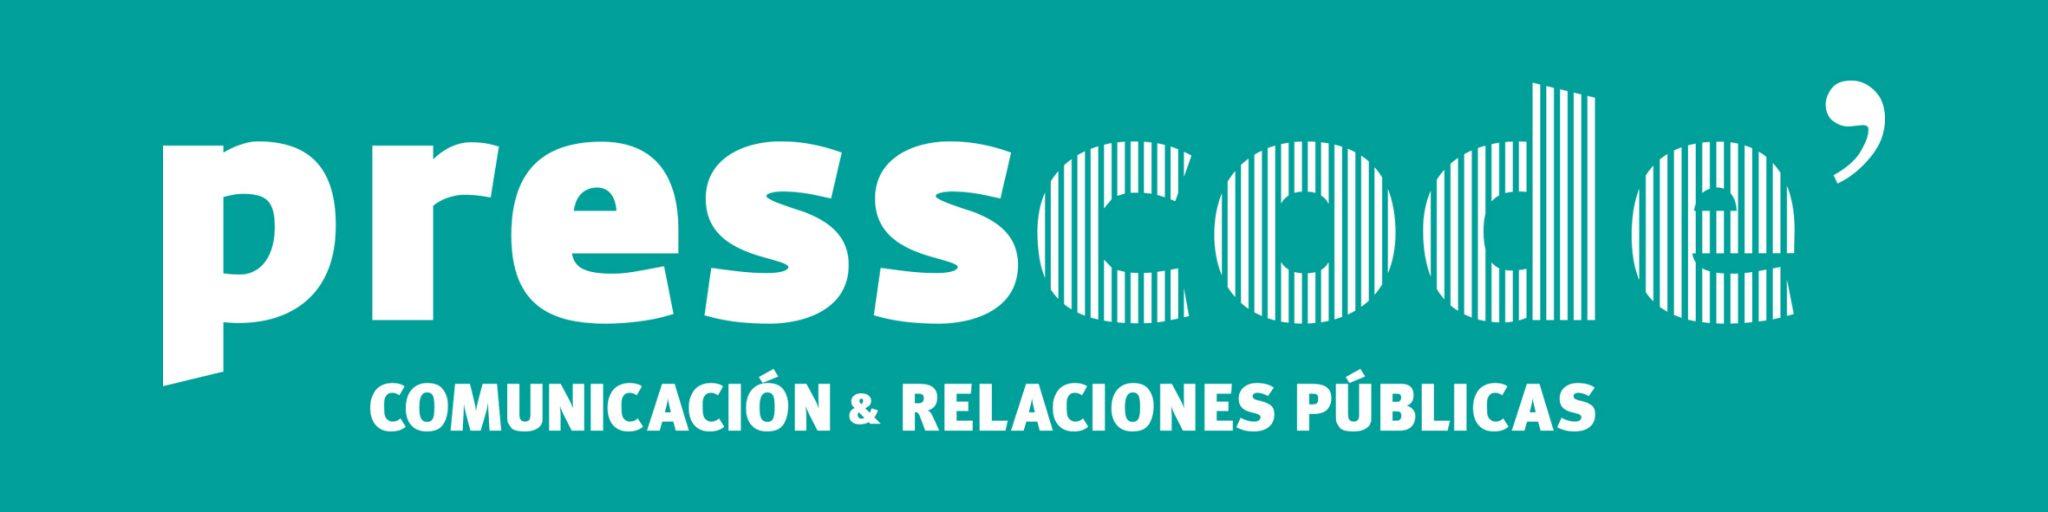 Agencia de comunicación Presscode